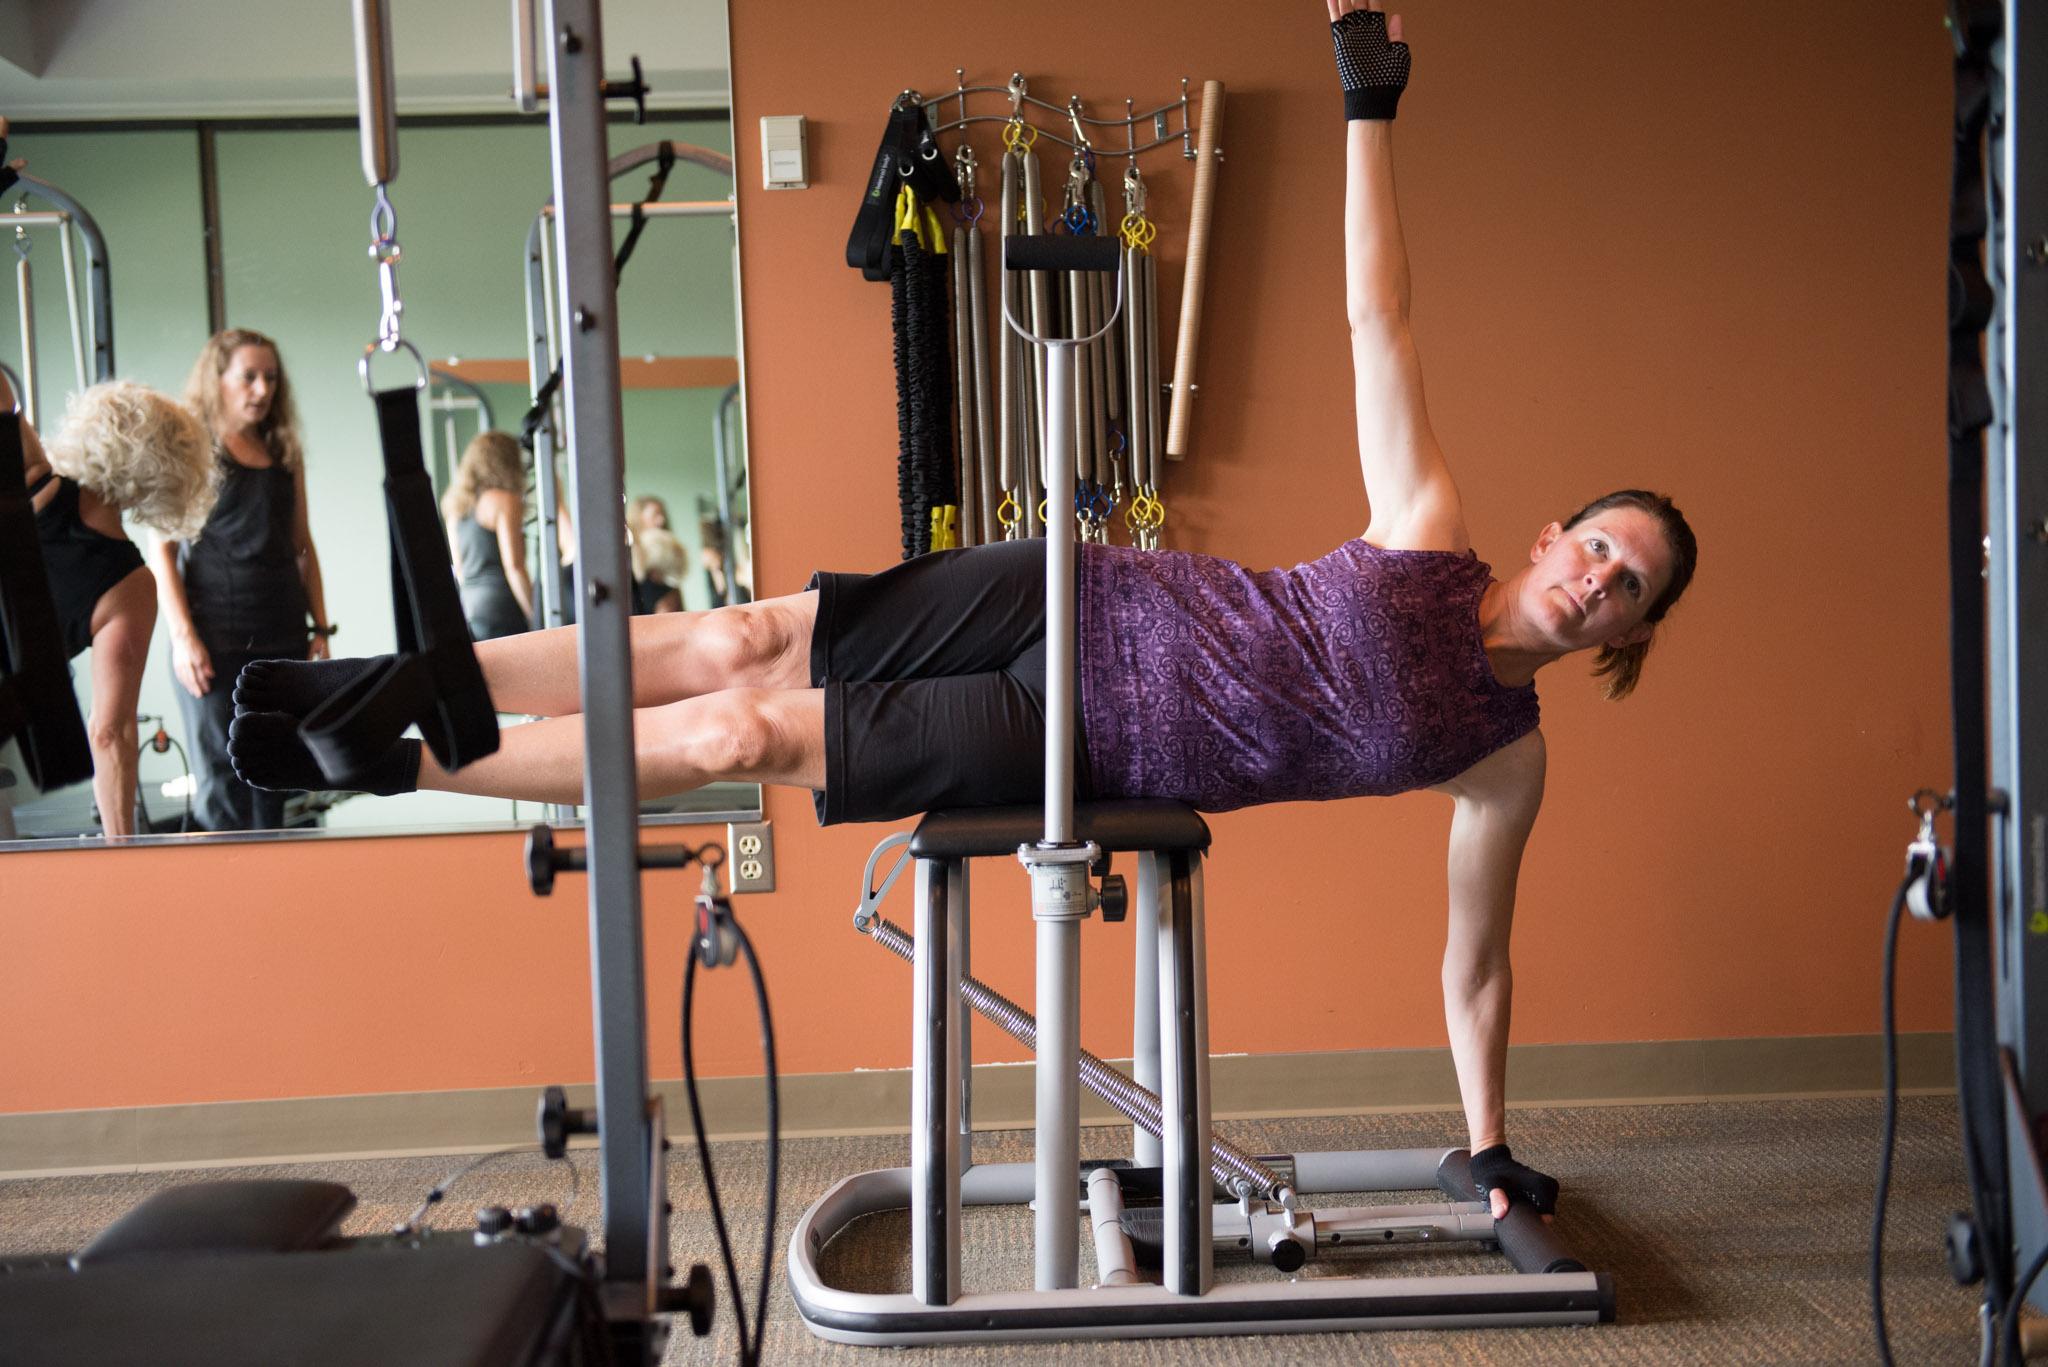 Wellness Center Stock Photos-1457.jpg